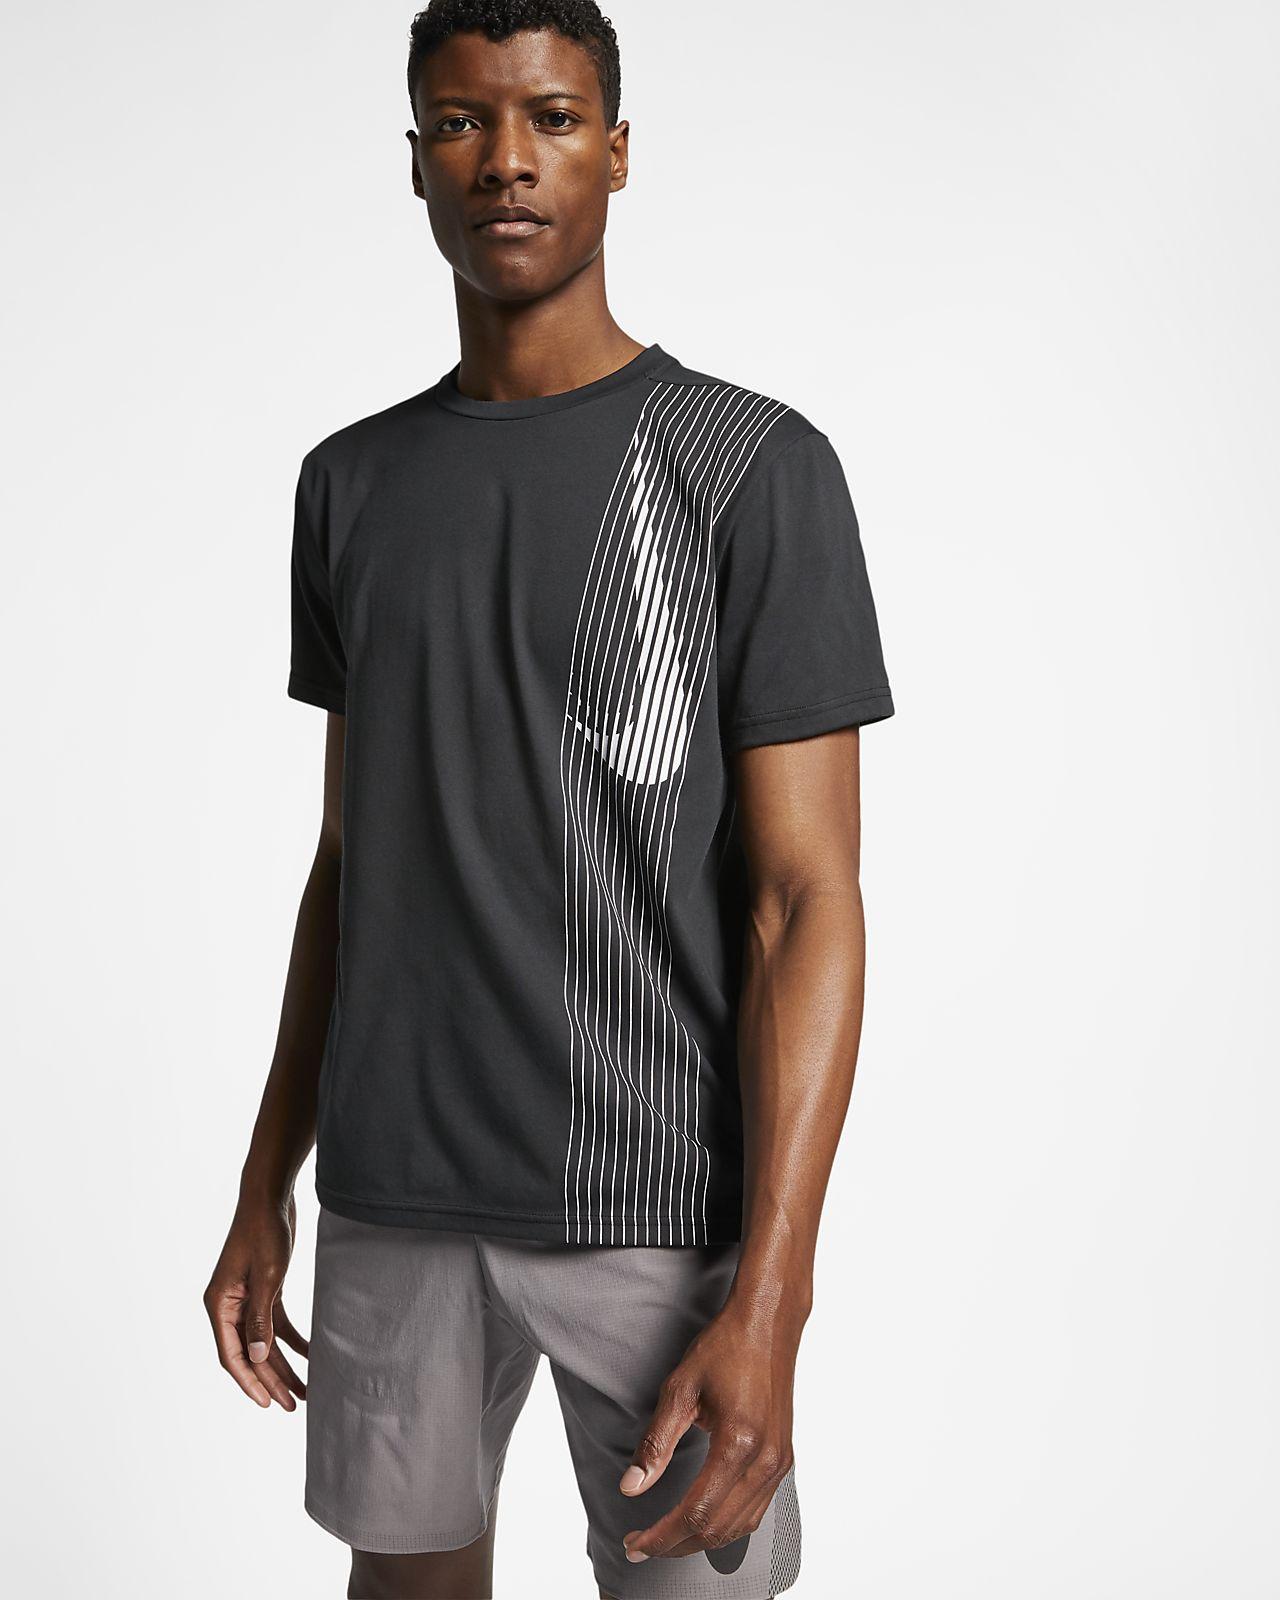 เสื้อเทรนนิ่งแขนสั้นผู้ชาย Nike Dri-FIT